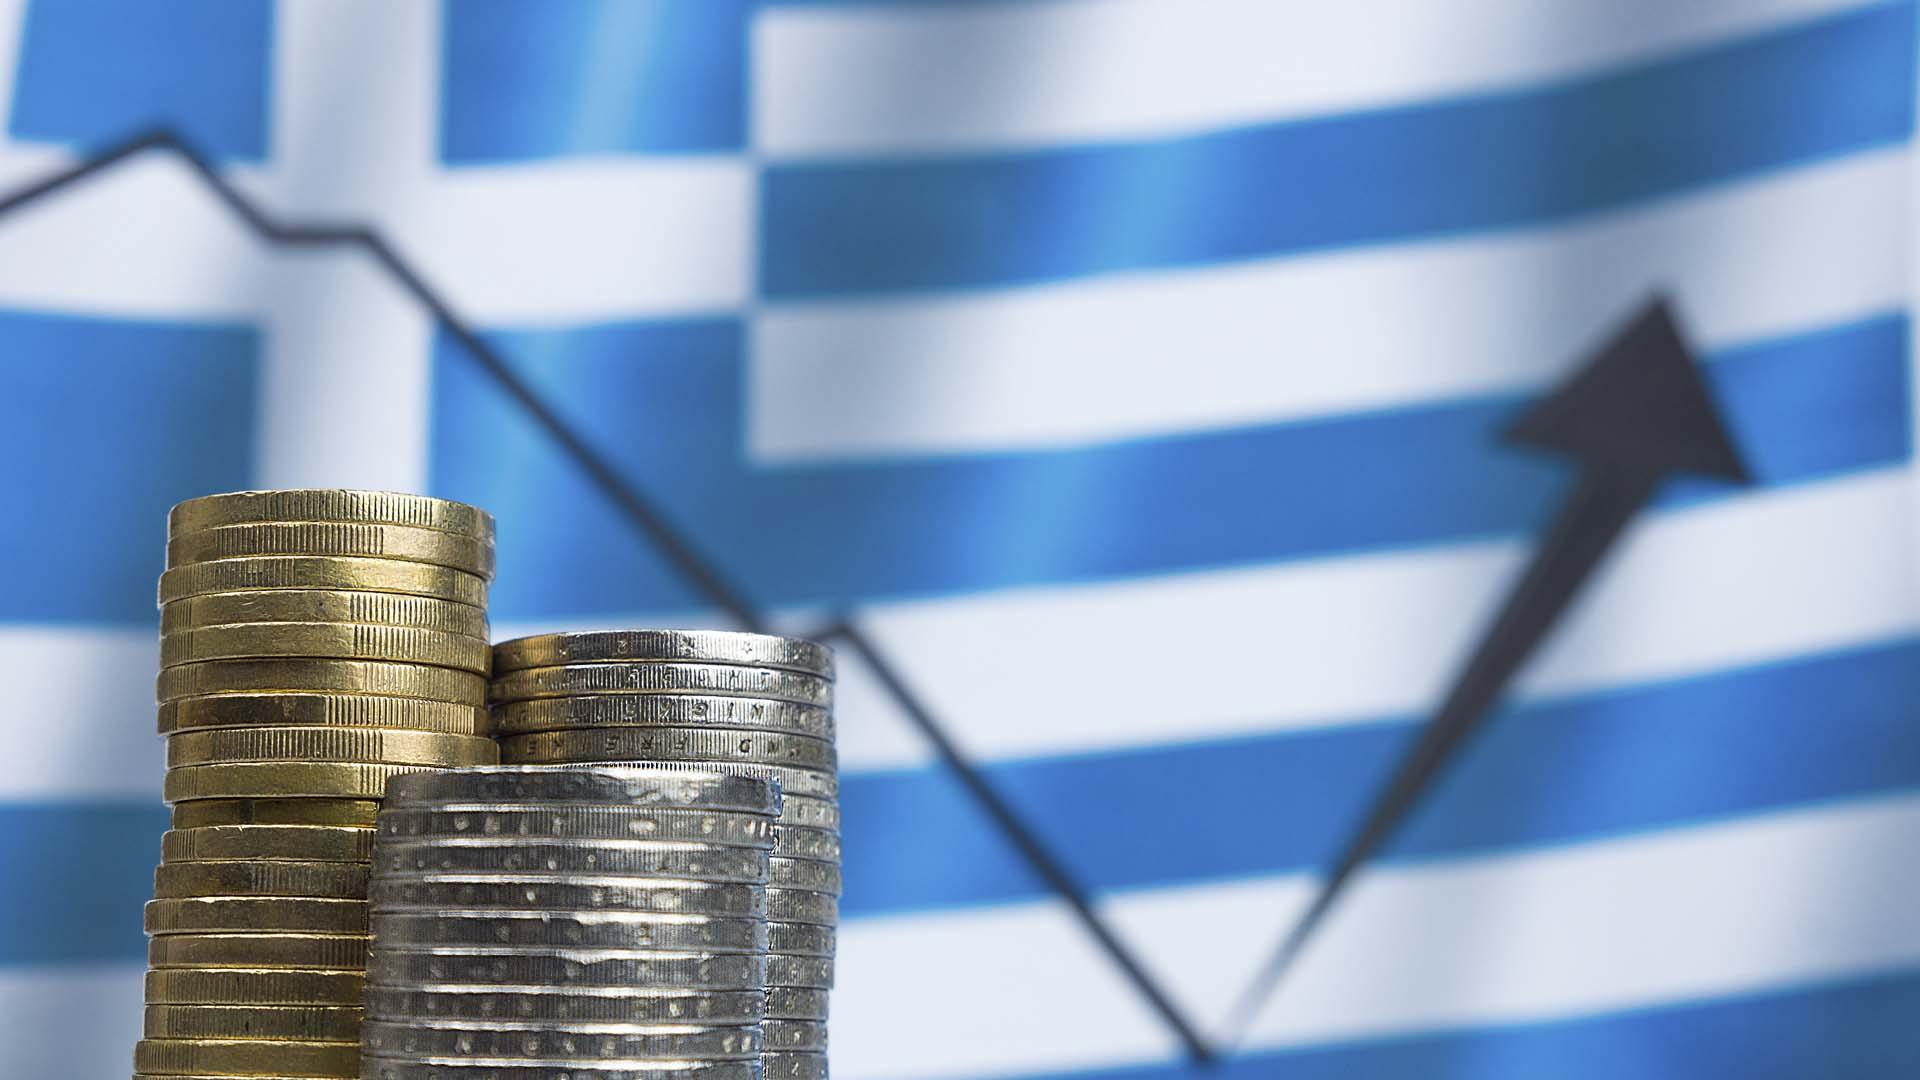 Otorgaron 2.710 millones de euros para recapitalizar el Banco Nacional que sufría grandes faltas de dinero, ciudadanos contaran con el apoyo financiero